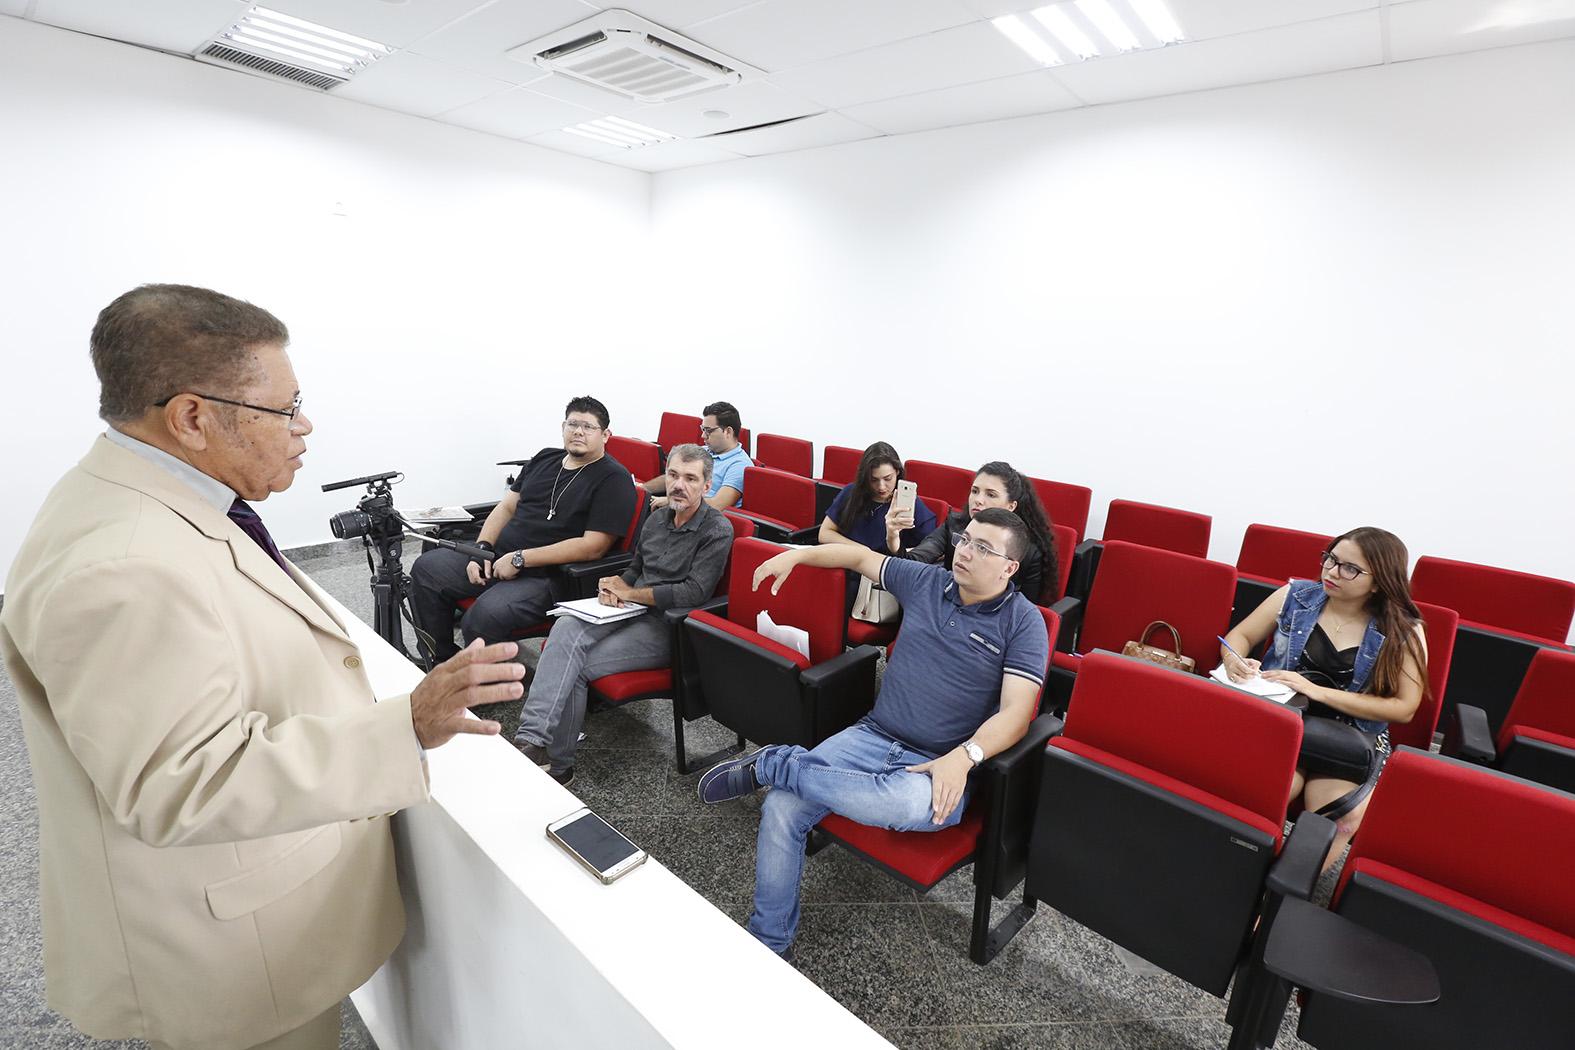 Professor da Unir participa de laboratório do Curso Básico de Jornalismo da Escola do Legislativo